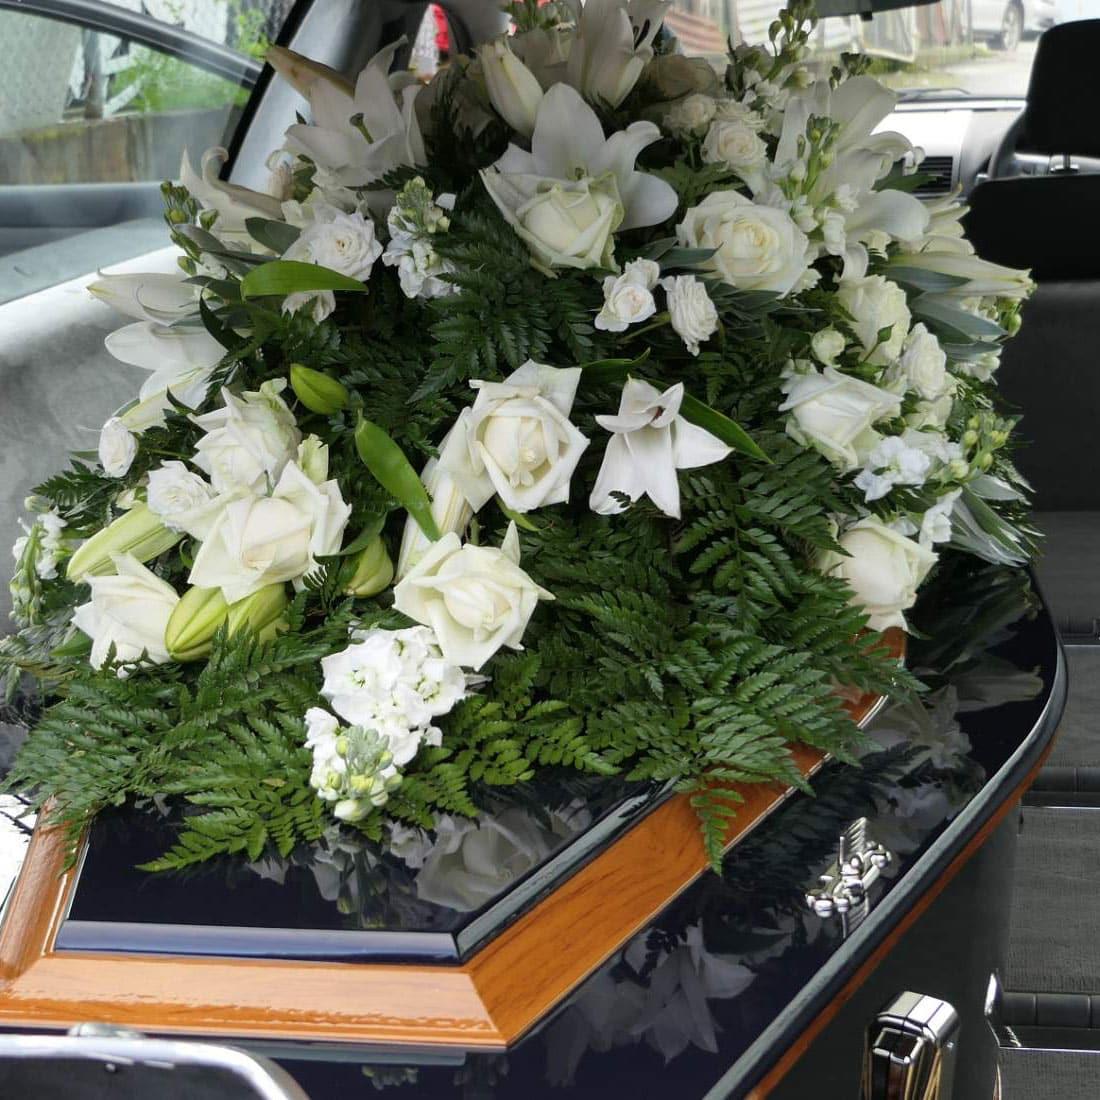 tradycyjne pogrzeby z trumną